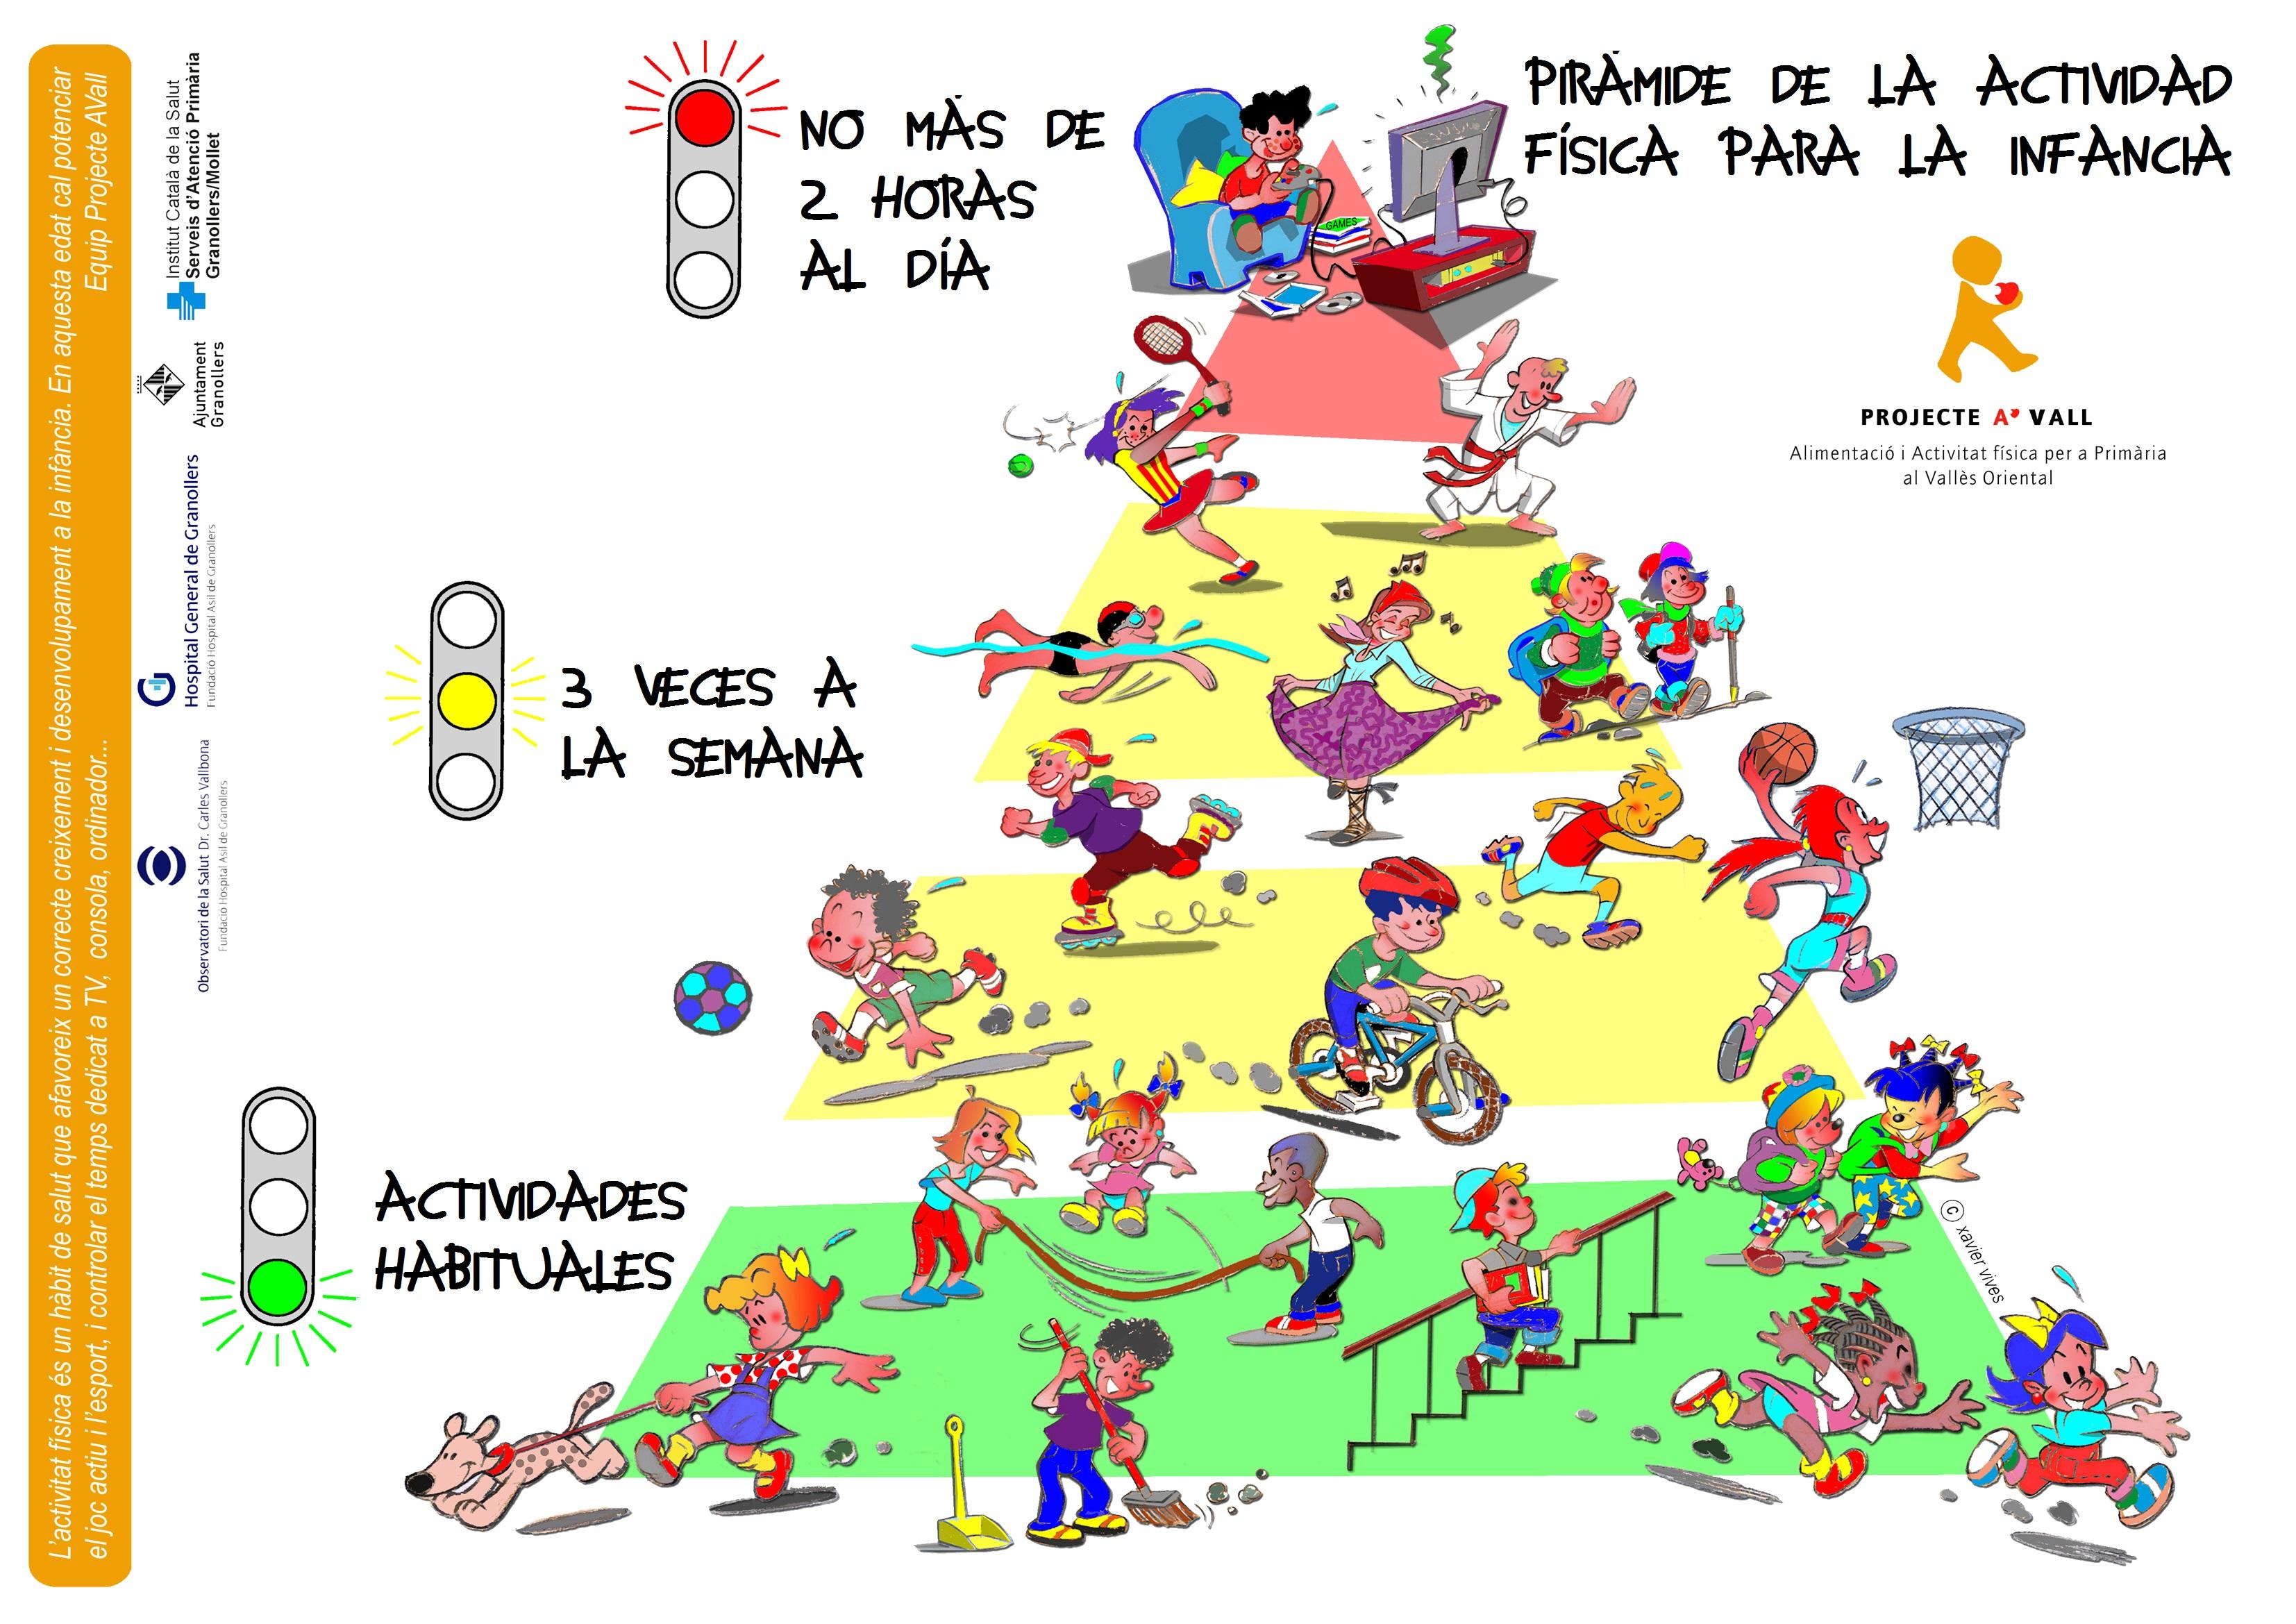 PIRÁMIDE DE LA ACTIVIDAD FÍSICA PARA LA INFANCIA